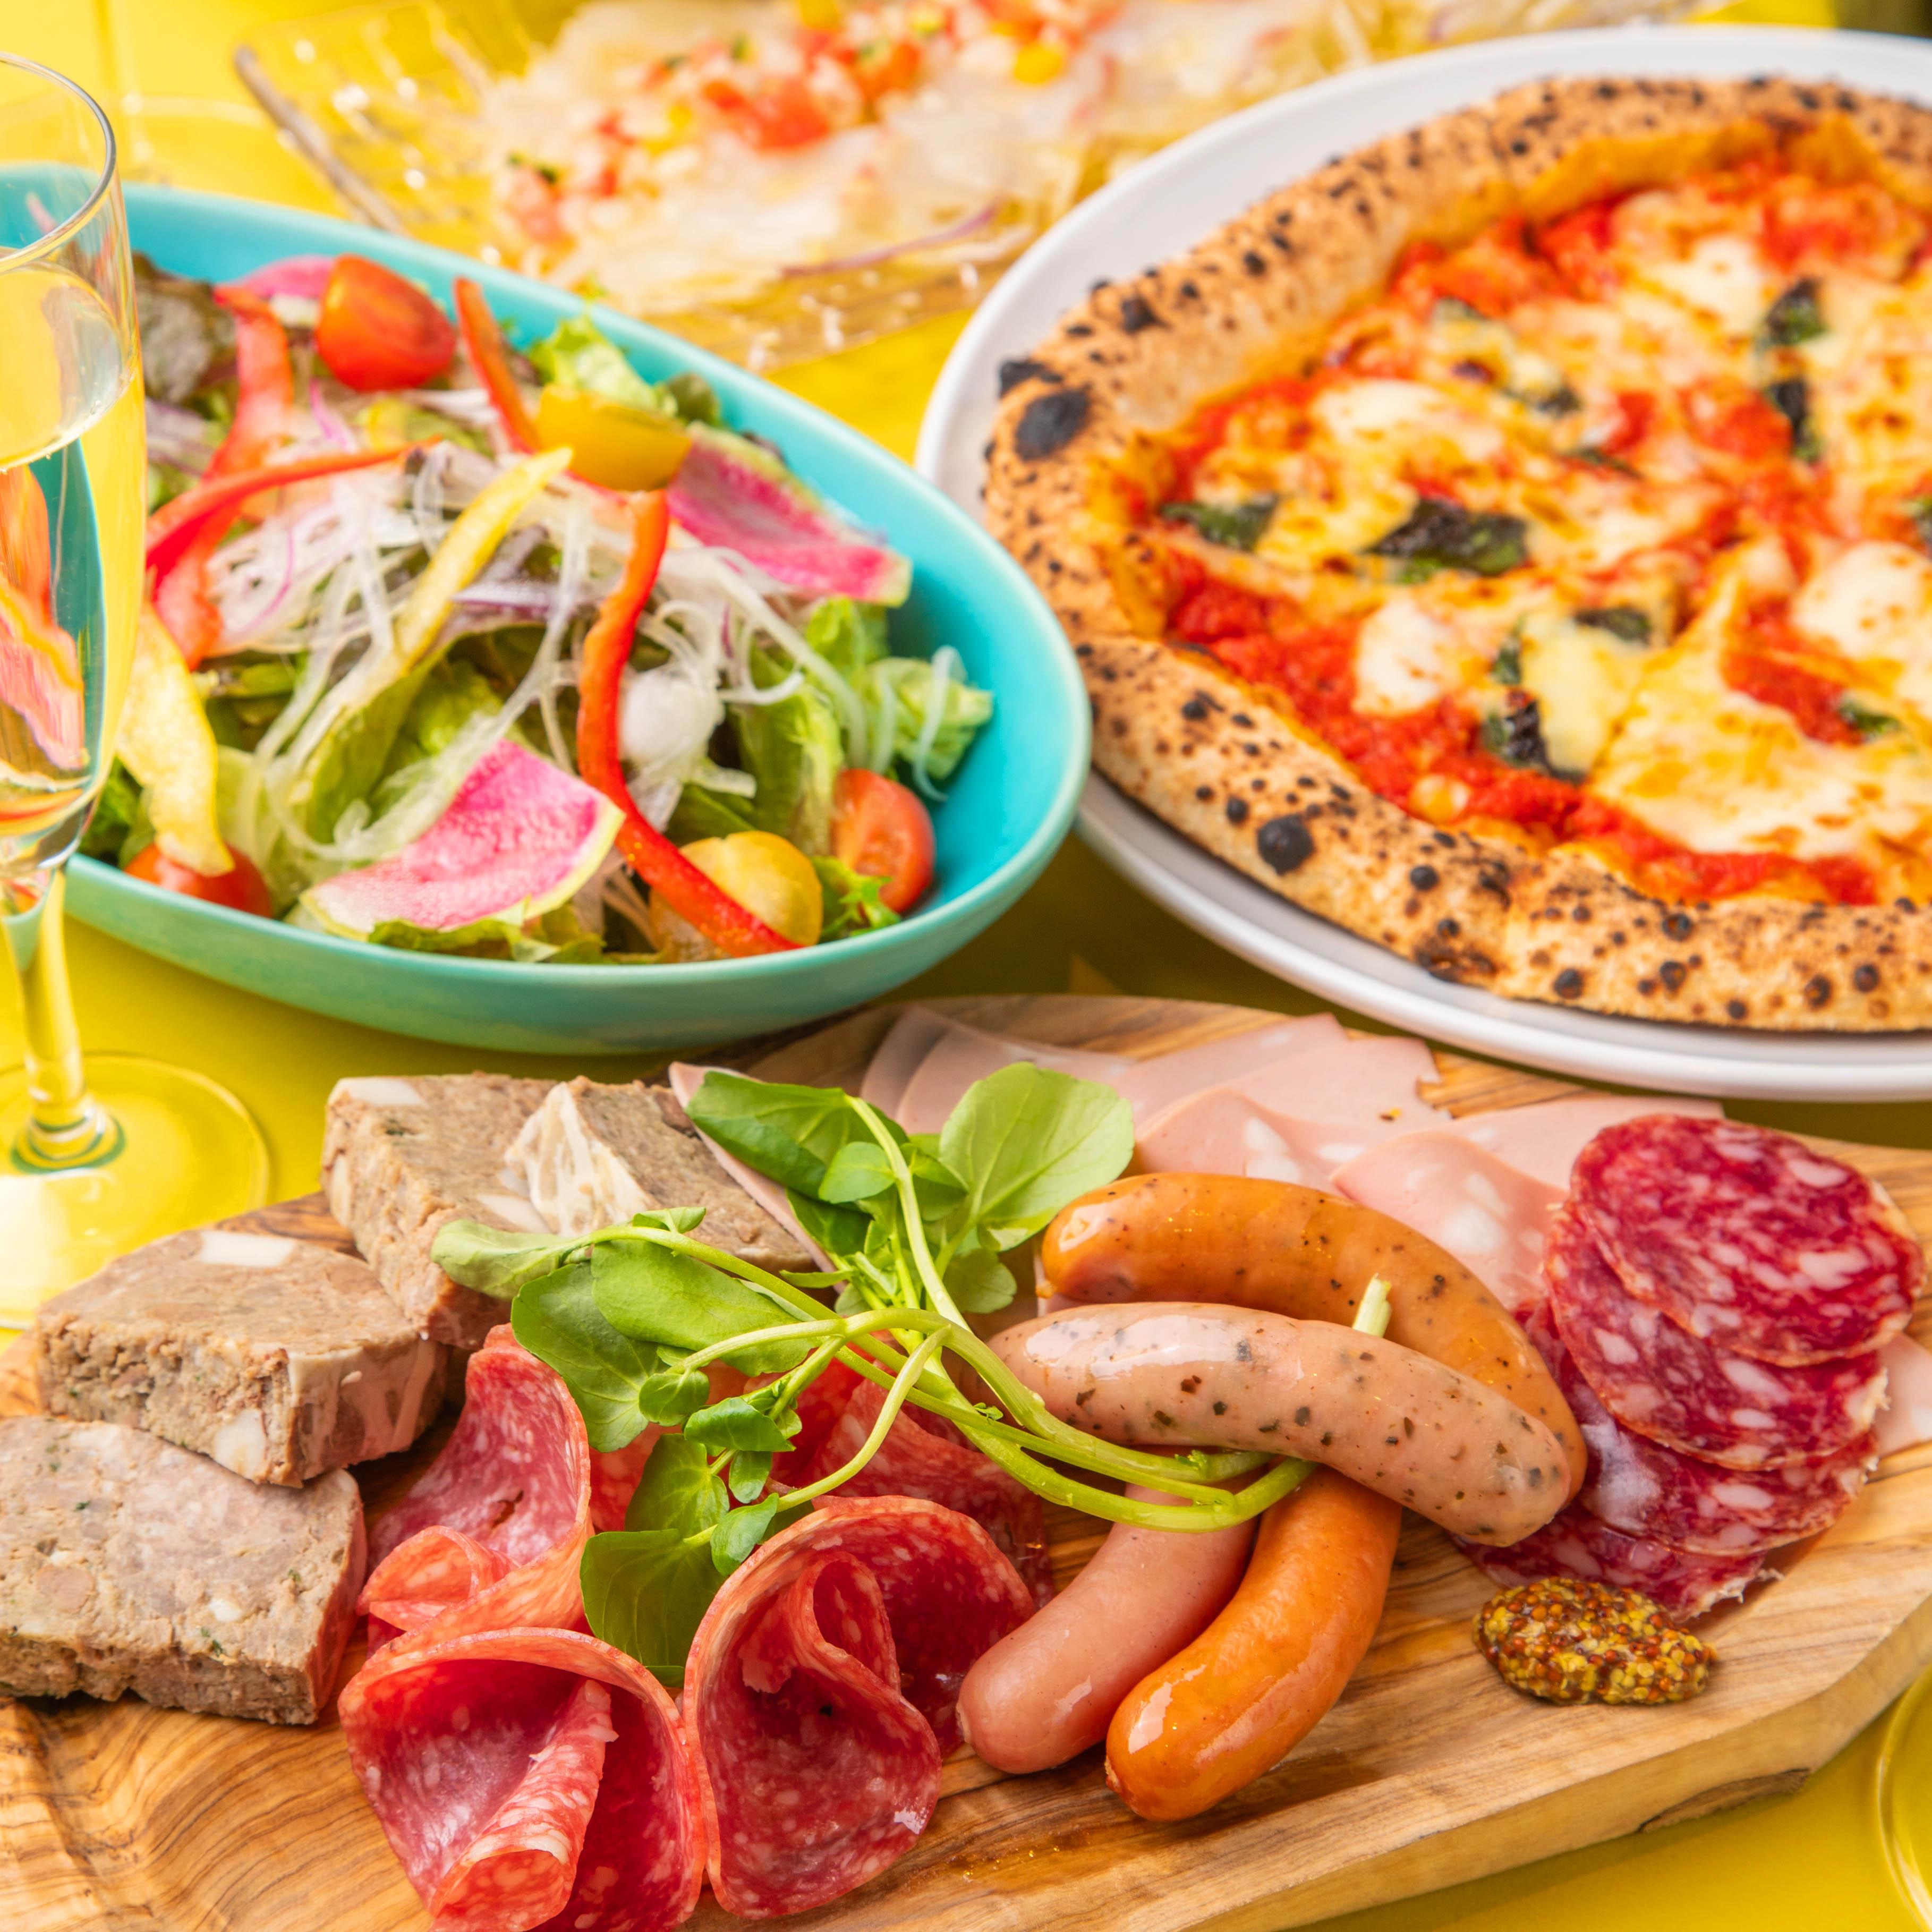 [2時間樽生スパークリング含む飲み放題] 【Pizza×骨付き鶏モモ】ドンコナスタンダードコース9品